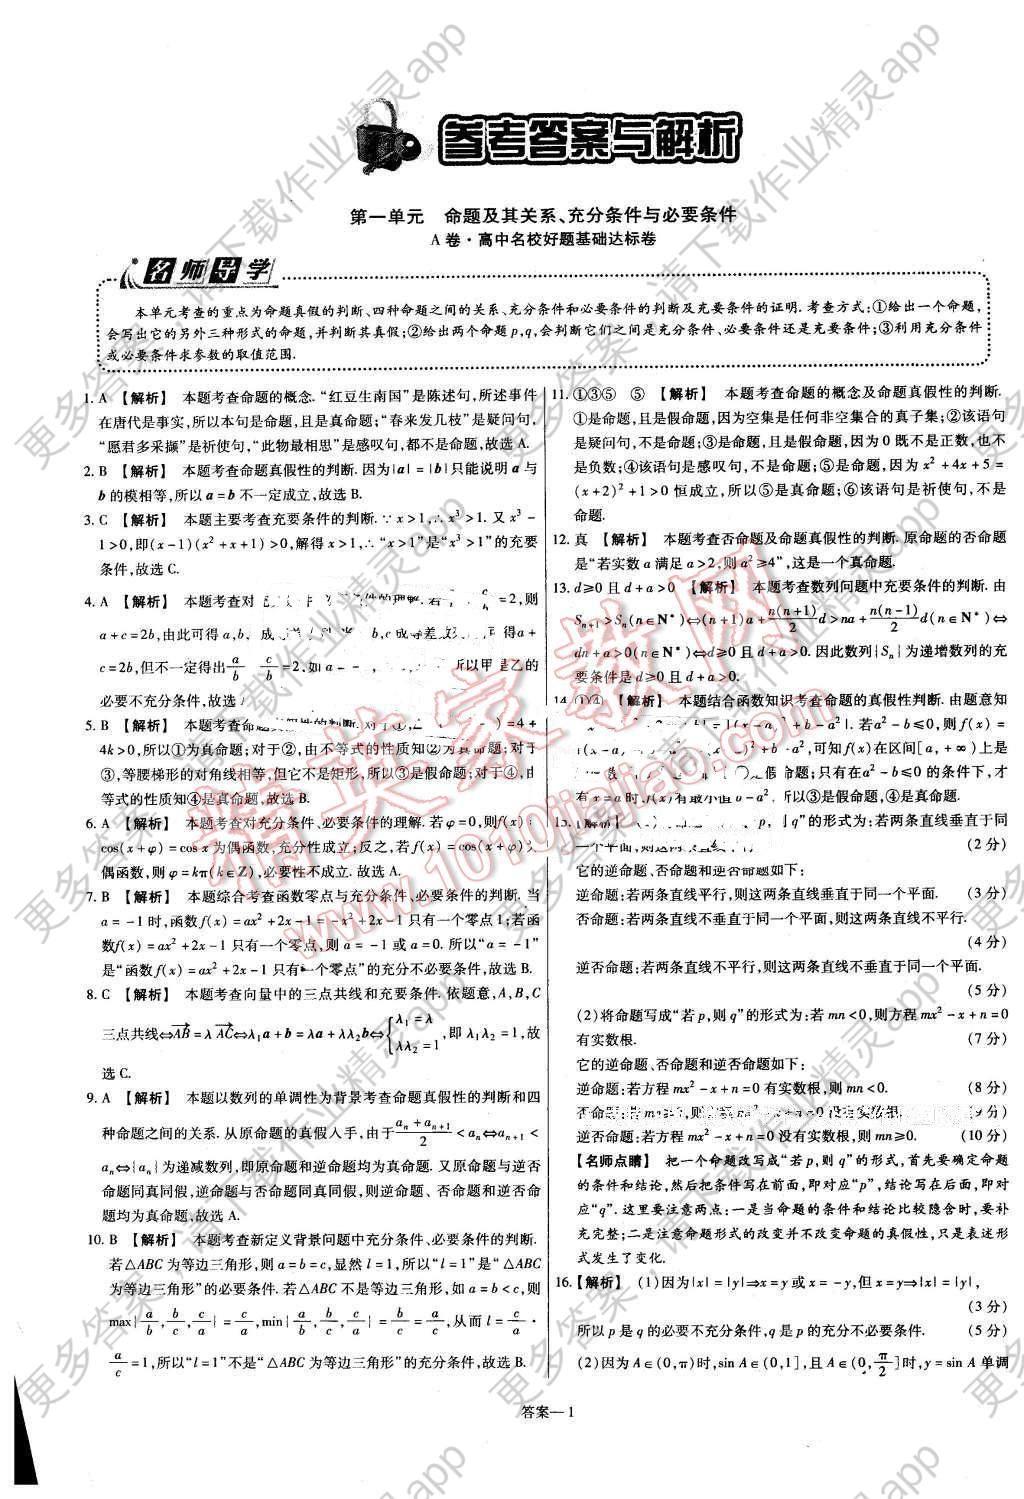 2016年金考卷活页题选高中数学选修2-1人教A